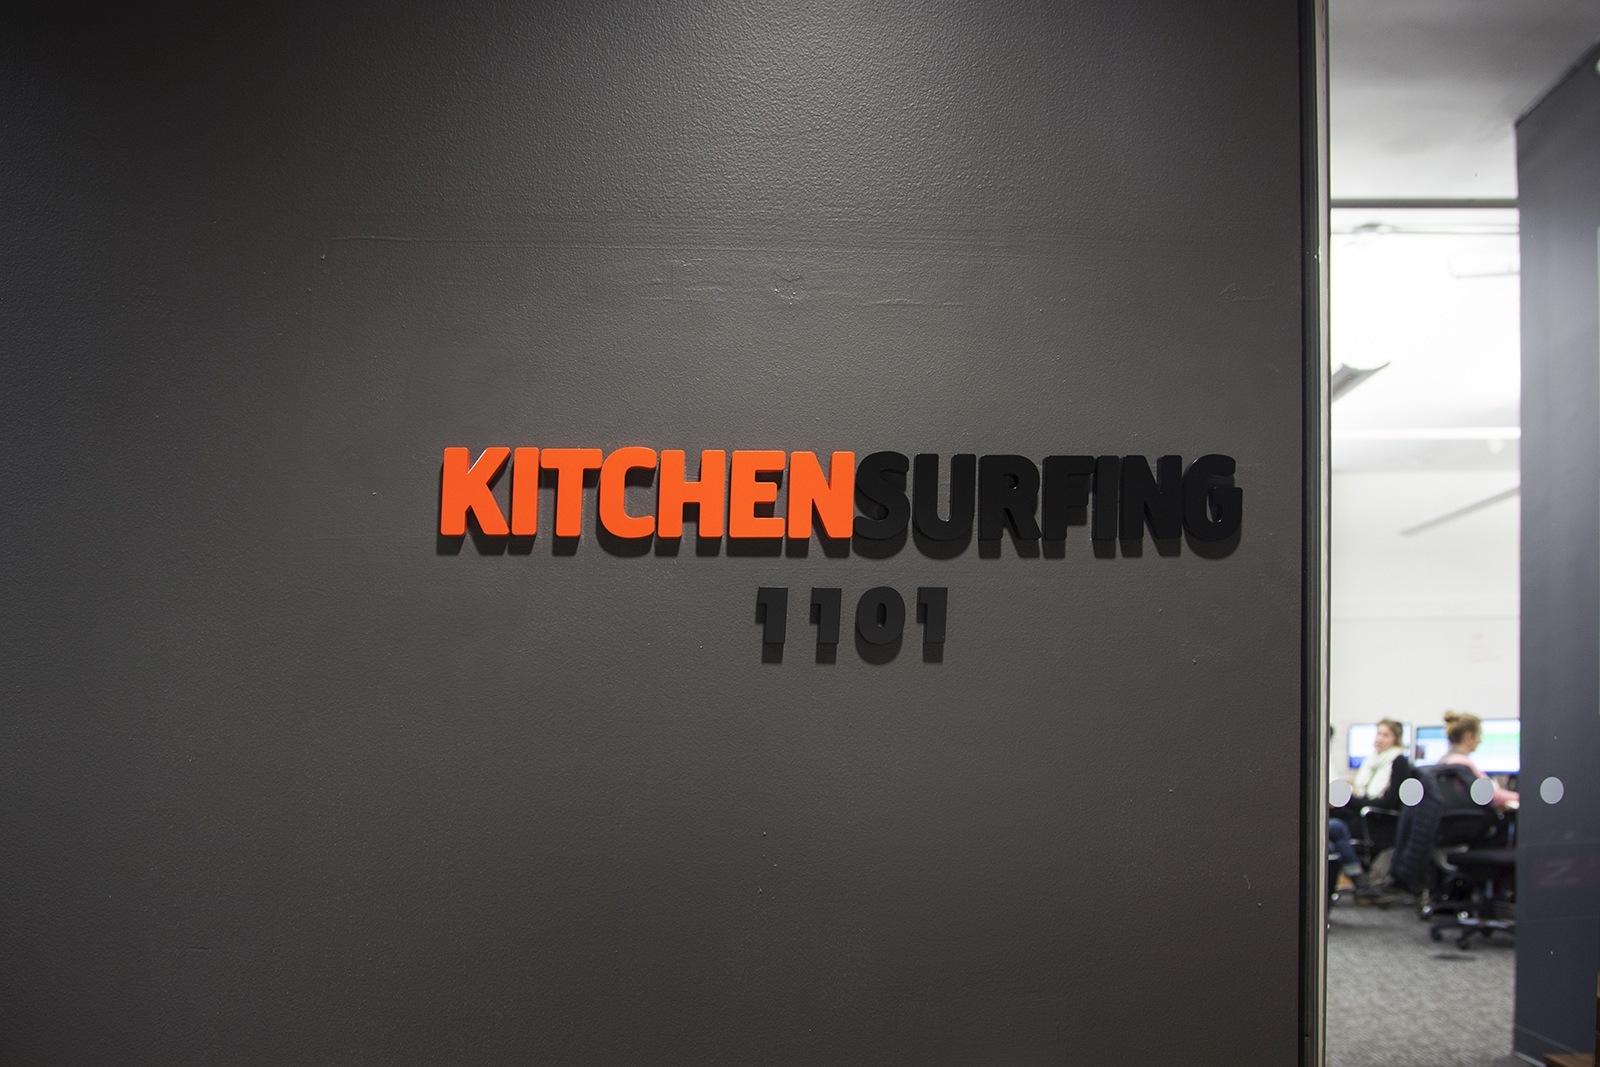 kitchen-surfing-new-york-1